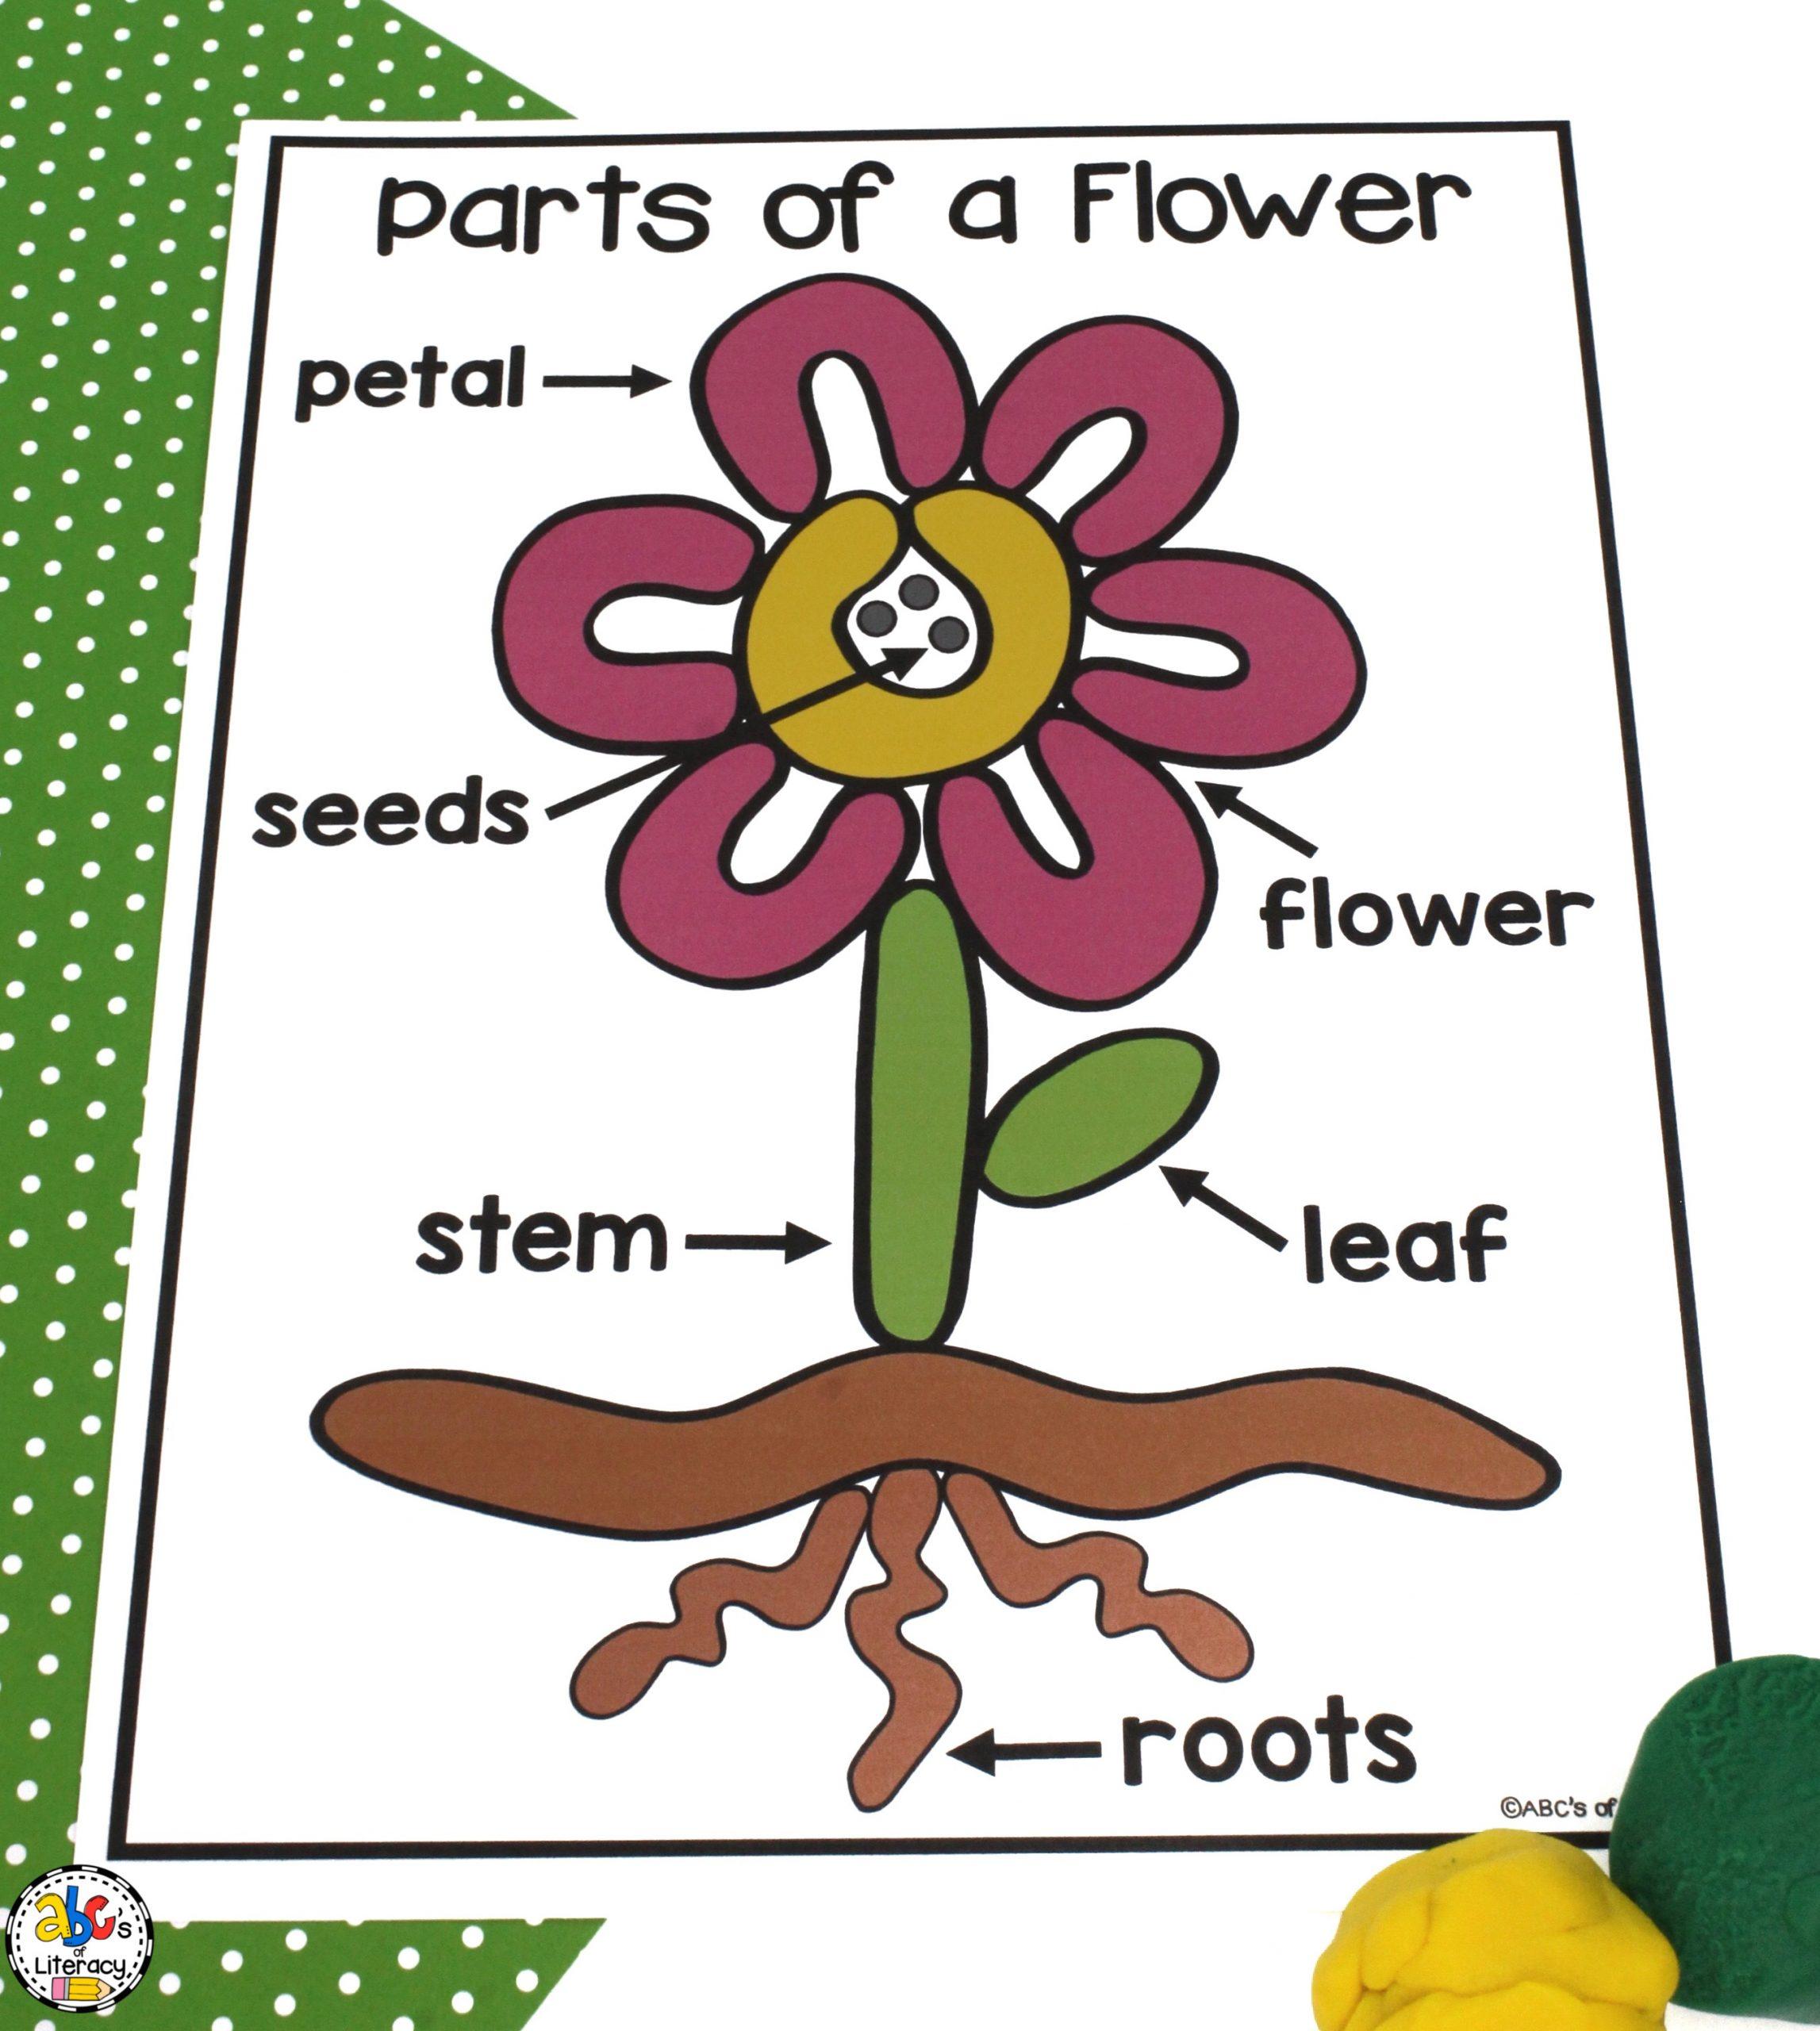 Parts of a Flower Play Dough Mat